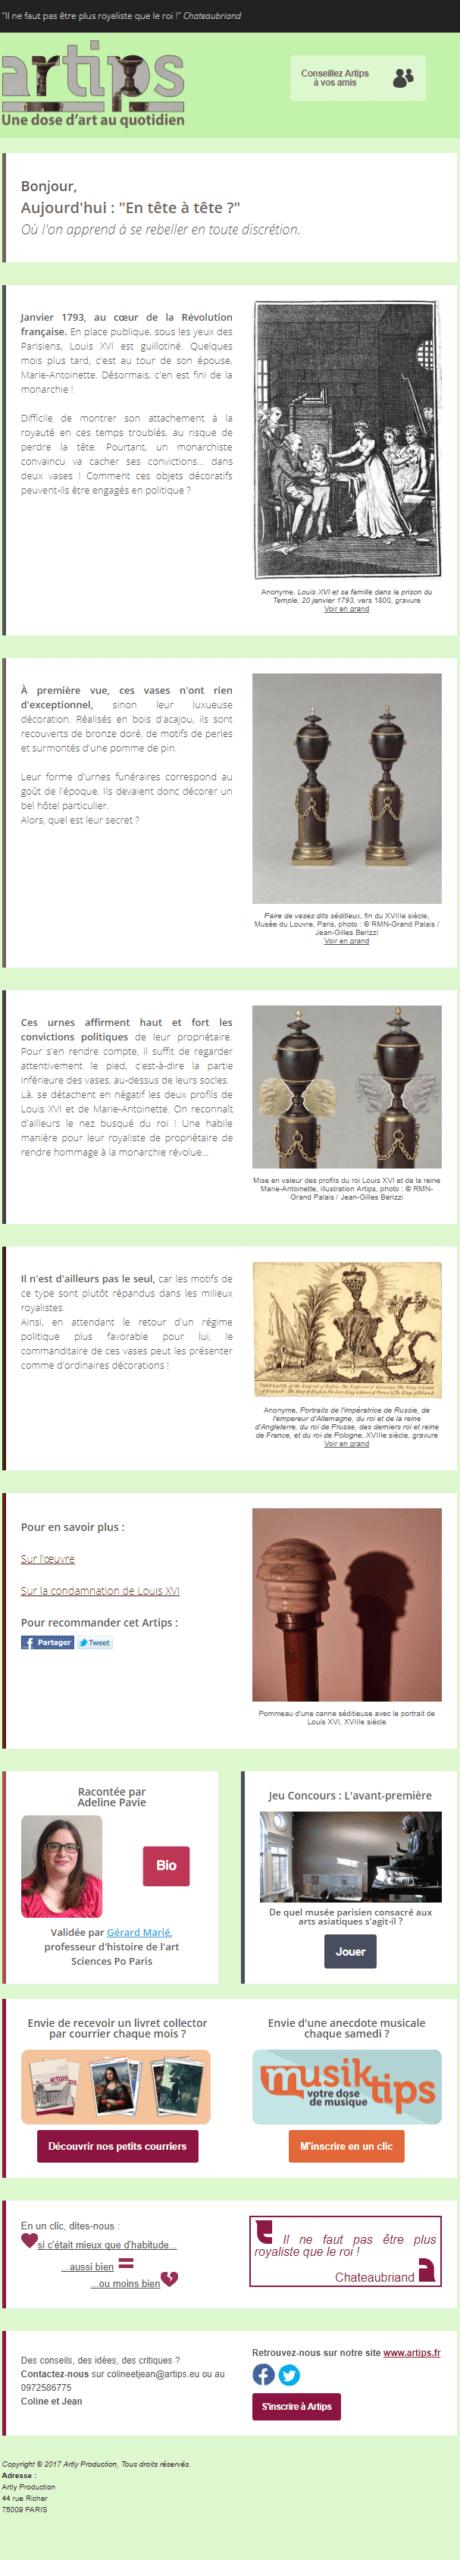 Exemple de newsletter #17 : Artips